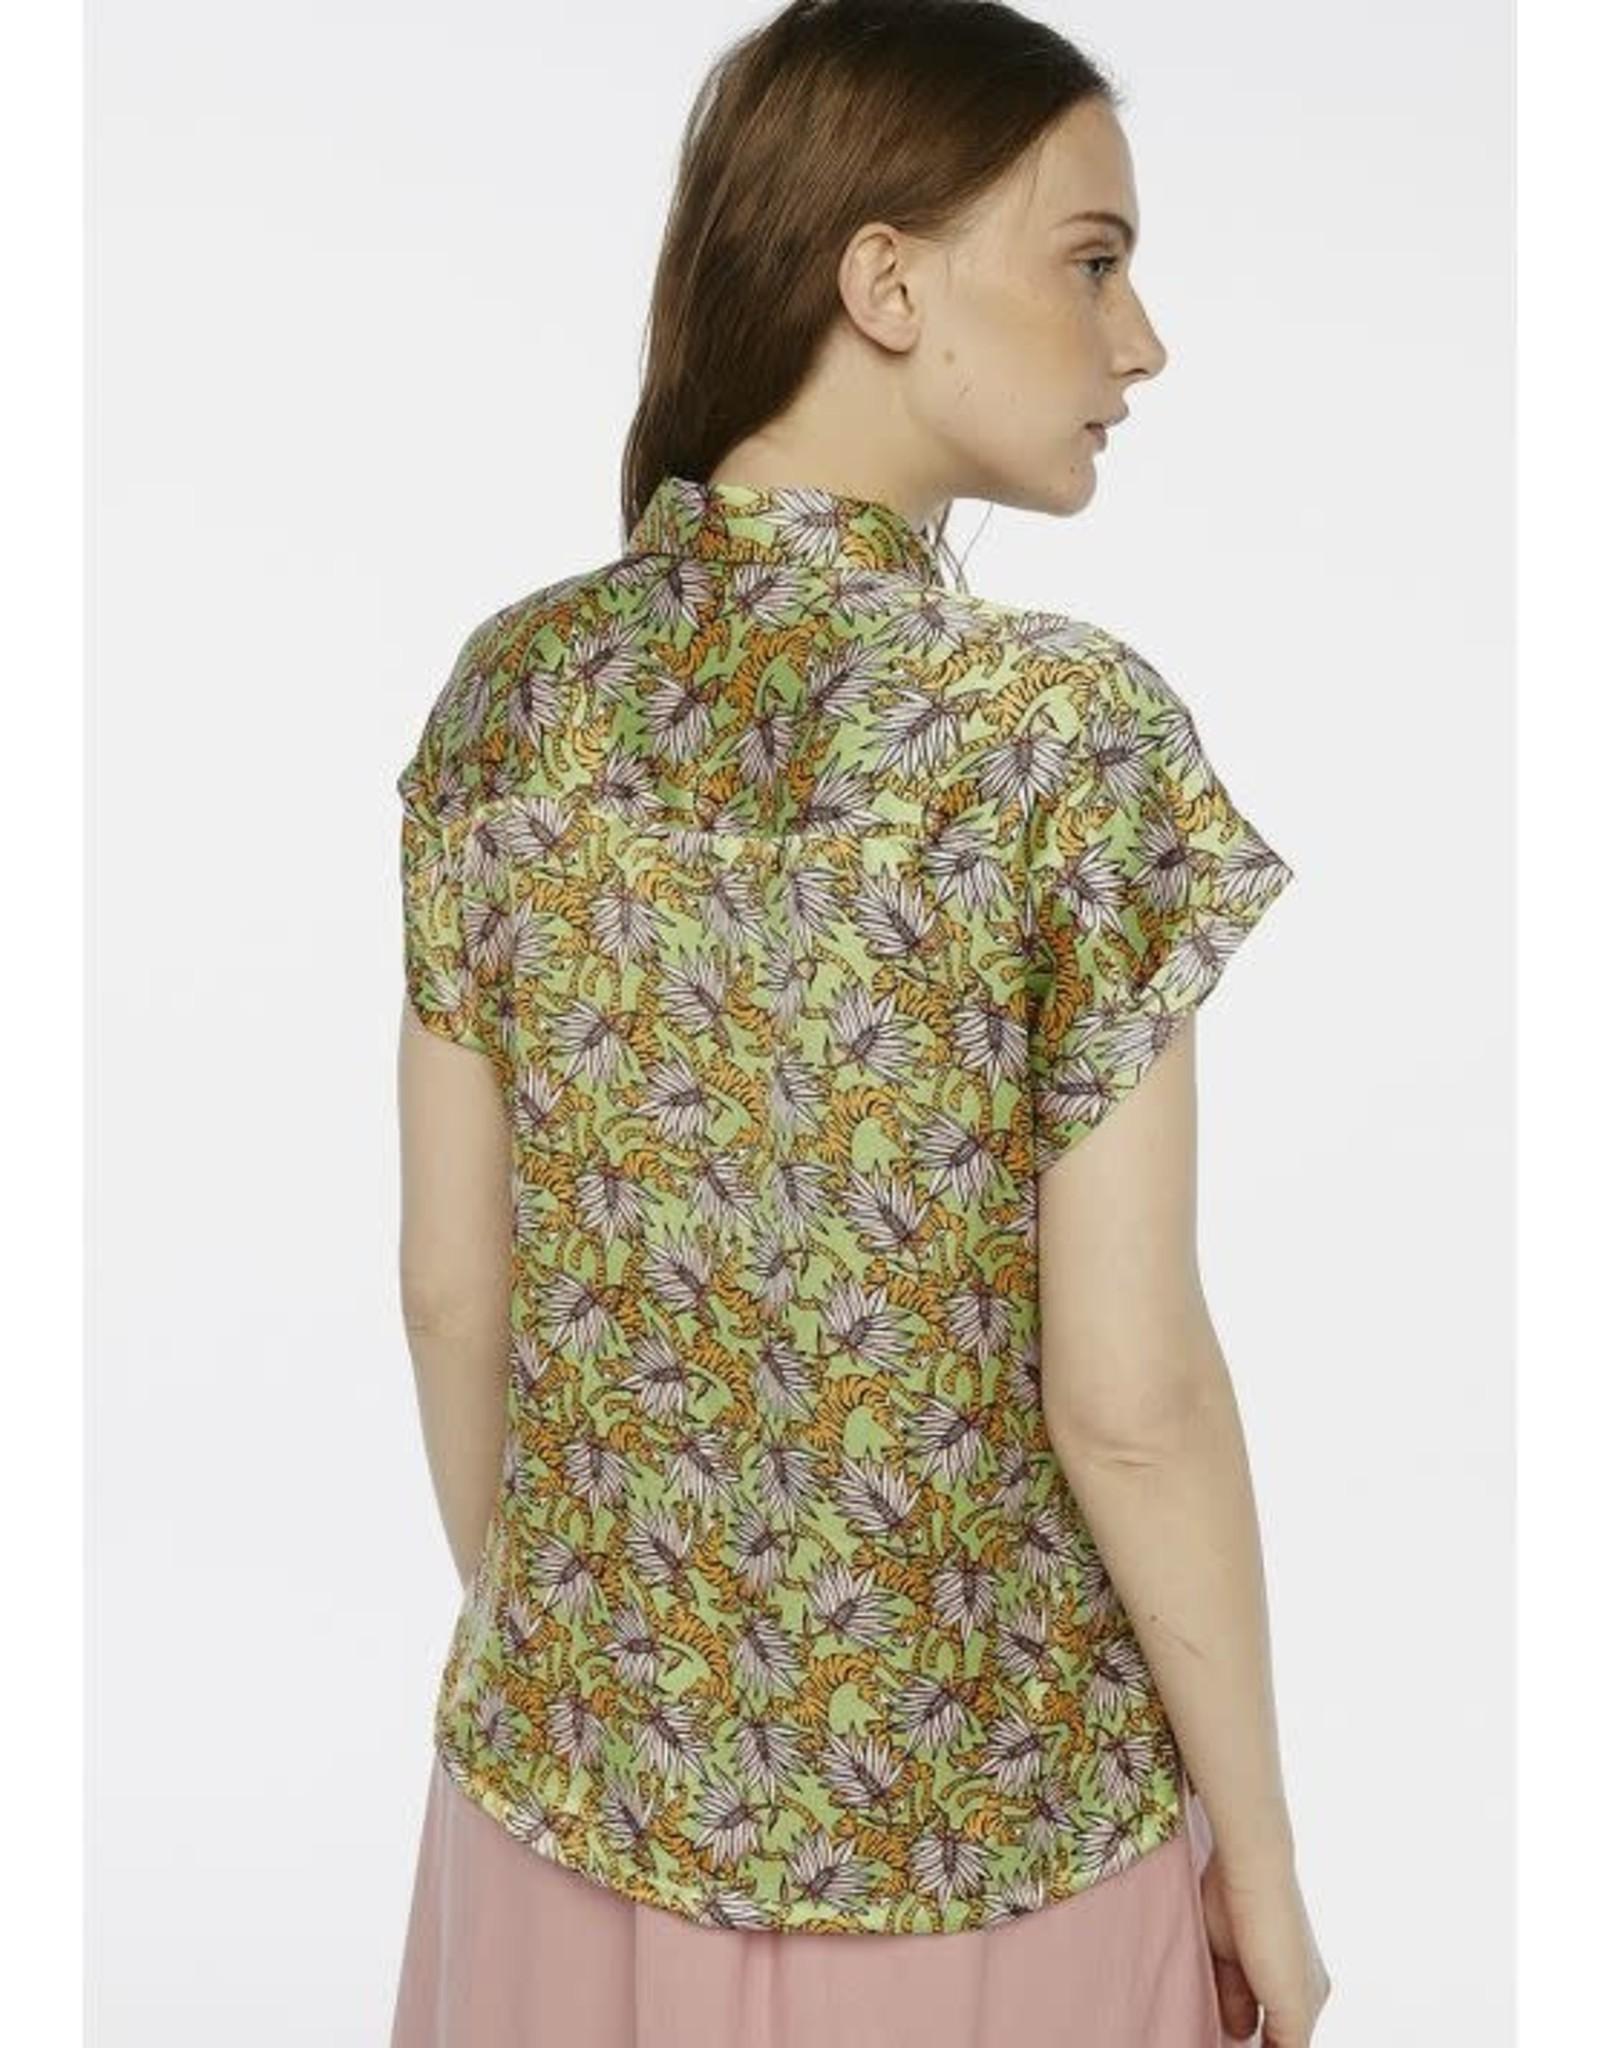 Compania Fantastica Compania Fantastica -  Tiger print shirt